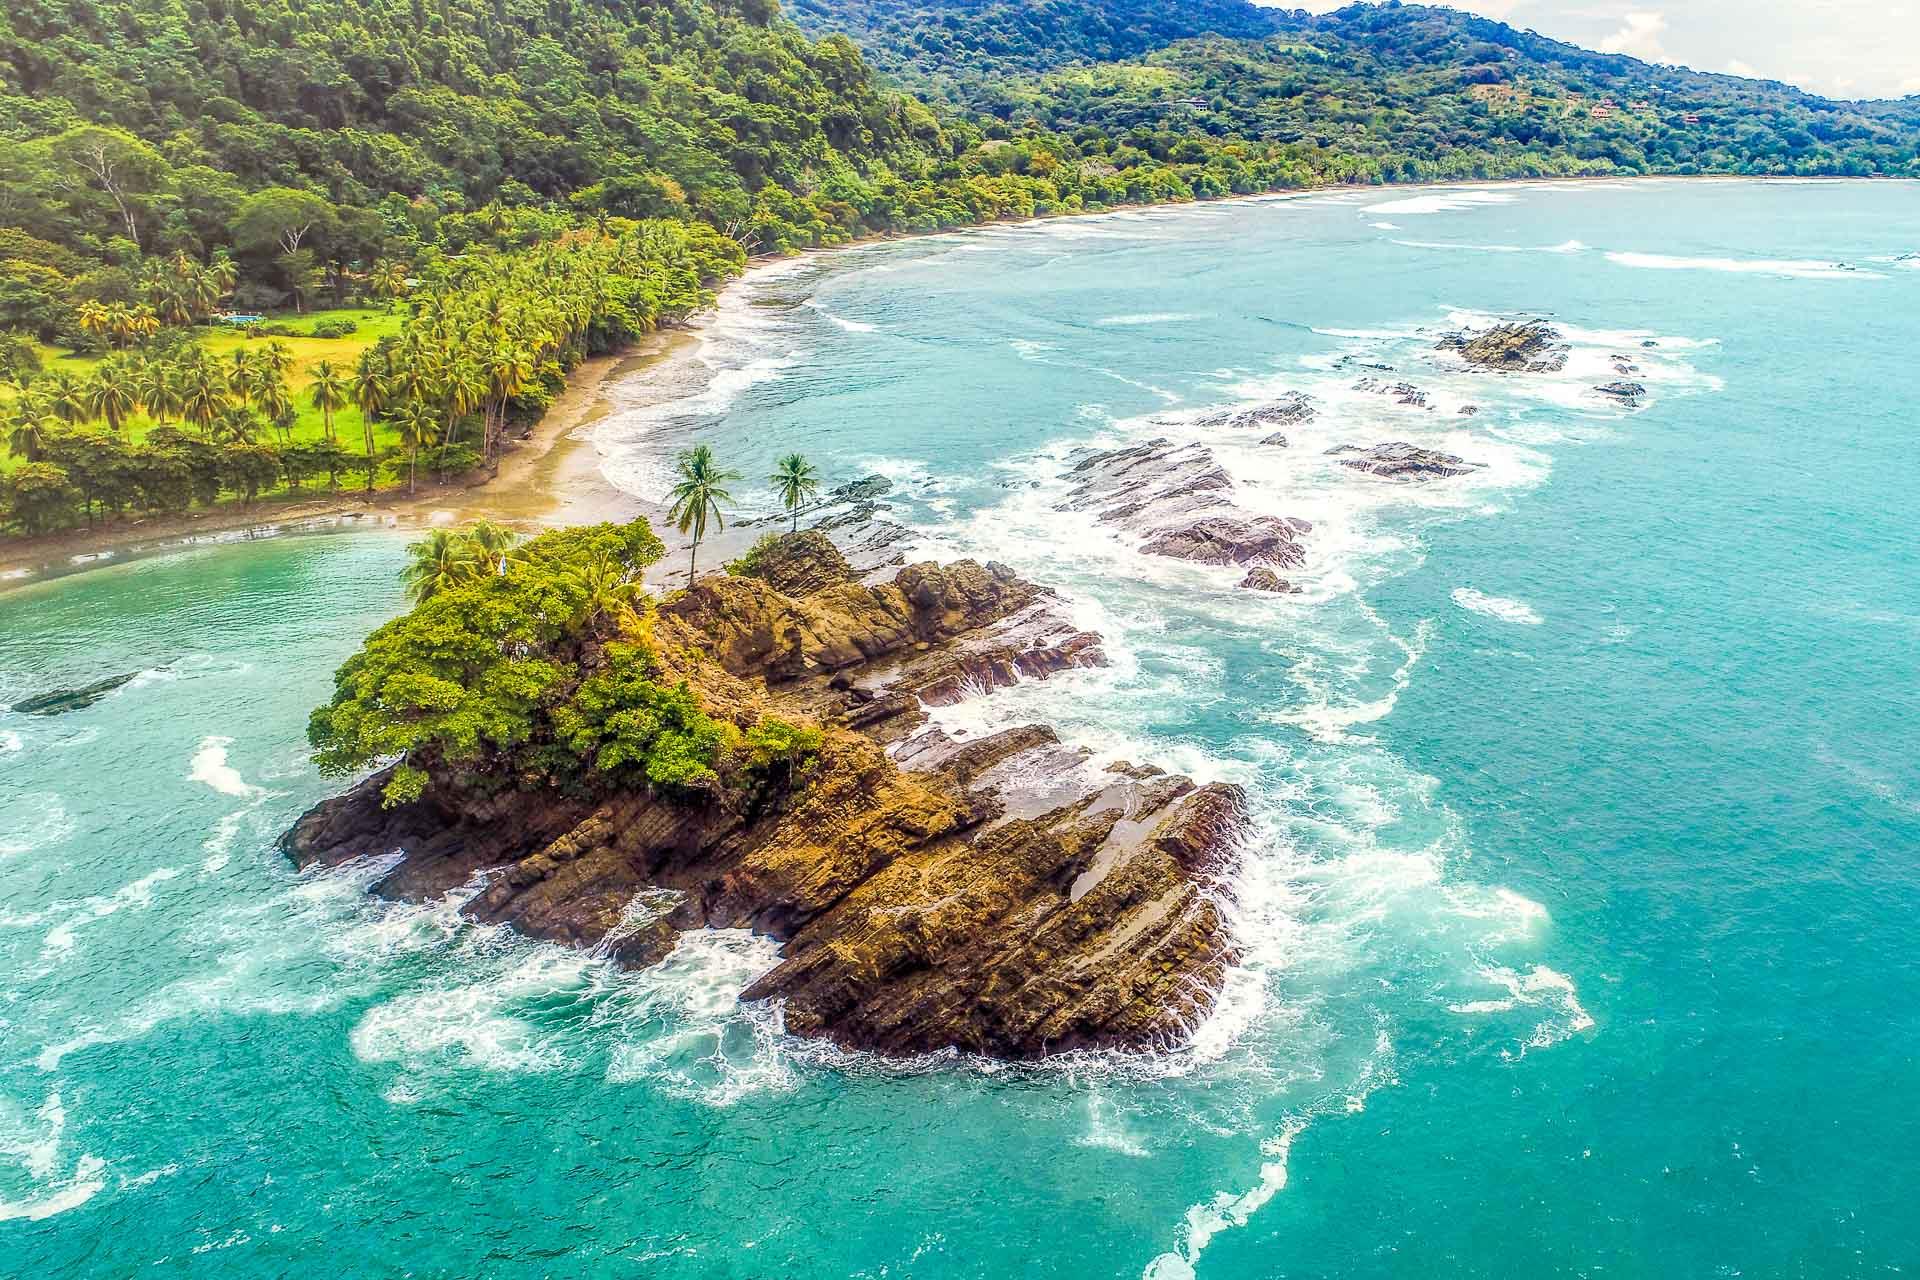 Que voir au Costa Rica ? Par où commencer ? La plupart des hot spots se situent dans la moitié nord, entre San José, la côte Caraïbe et les plages du Pacifique. Florilège des incontournables à visiter en une dizaine de jours, pour se donner un excellent aperçu du pays à l'occasion d'un premier voyage.